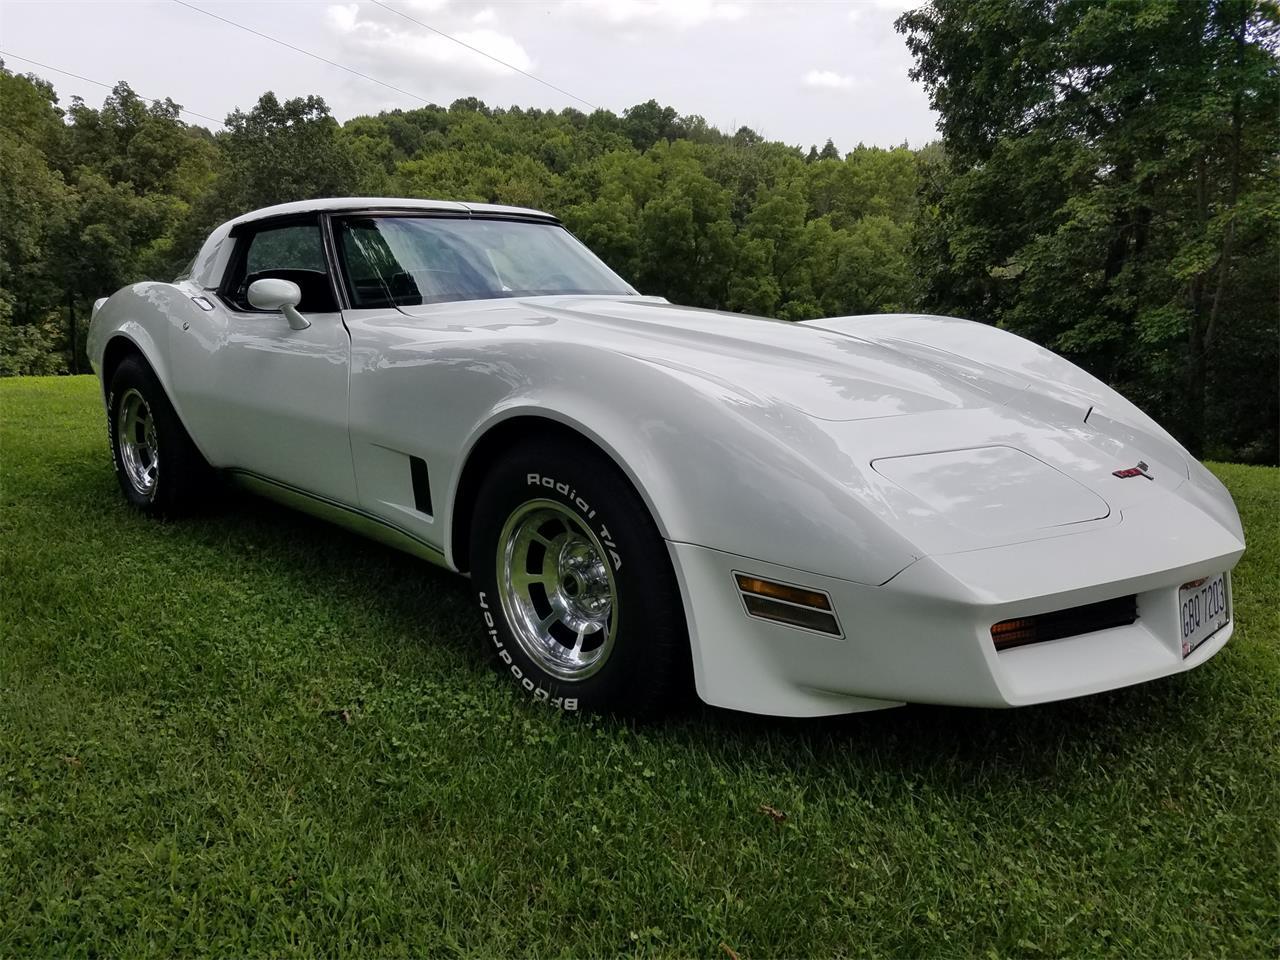 1980 Corvette For Sale >> 1980 Chevrolet Corvette For Sale Classiccars Com Cc 1136775